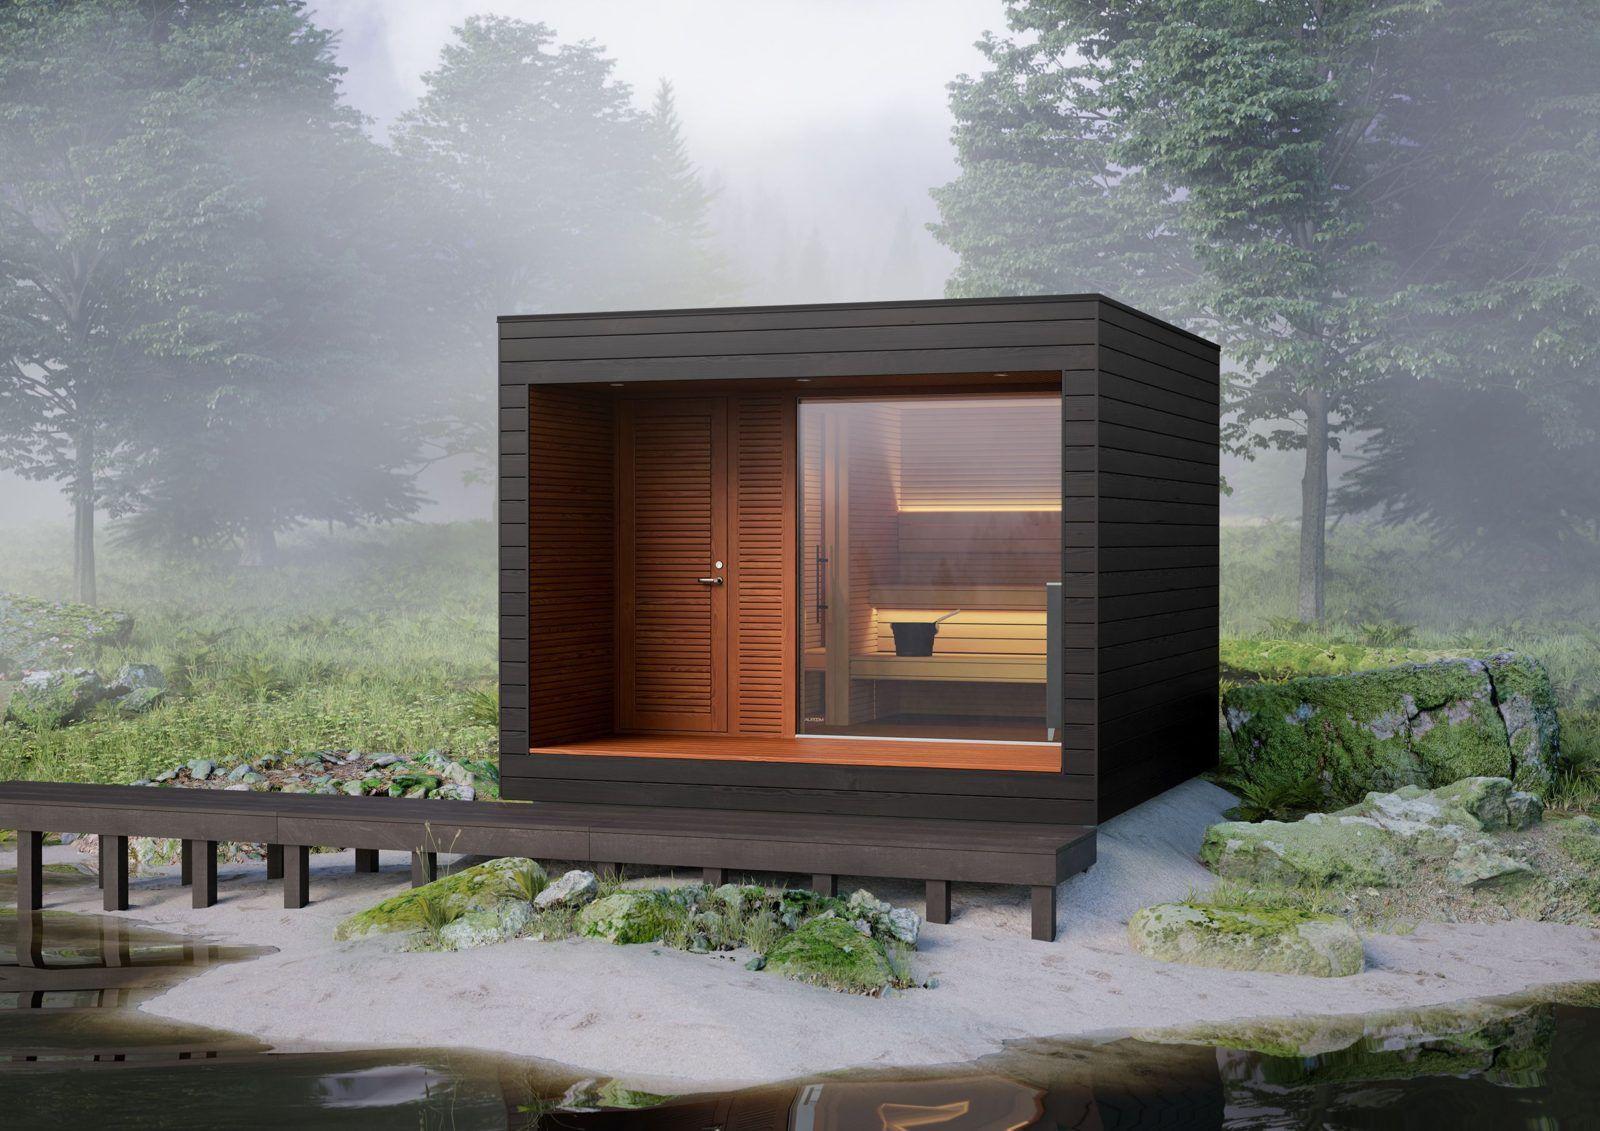 Saunas Nordic Sauna Customize Your Sauna Now Sauna Design Outdoor Sauna Sauna House